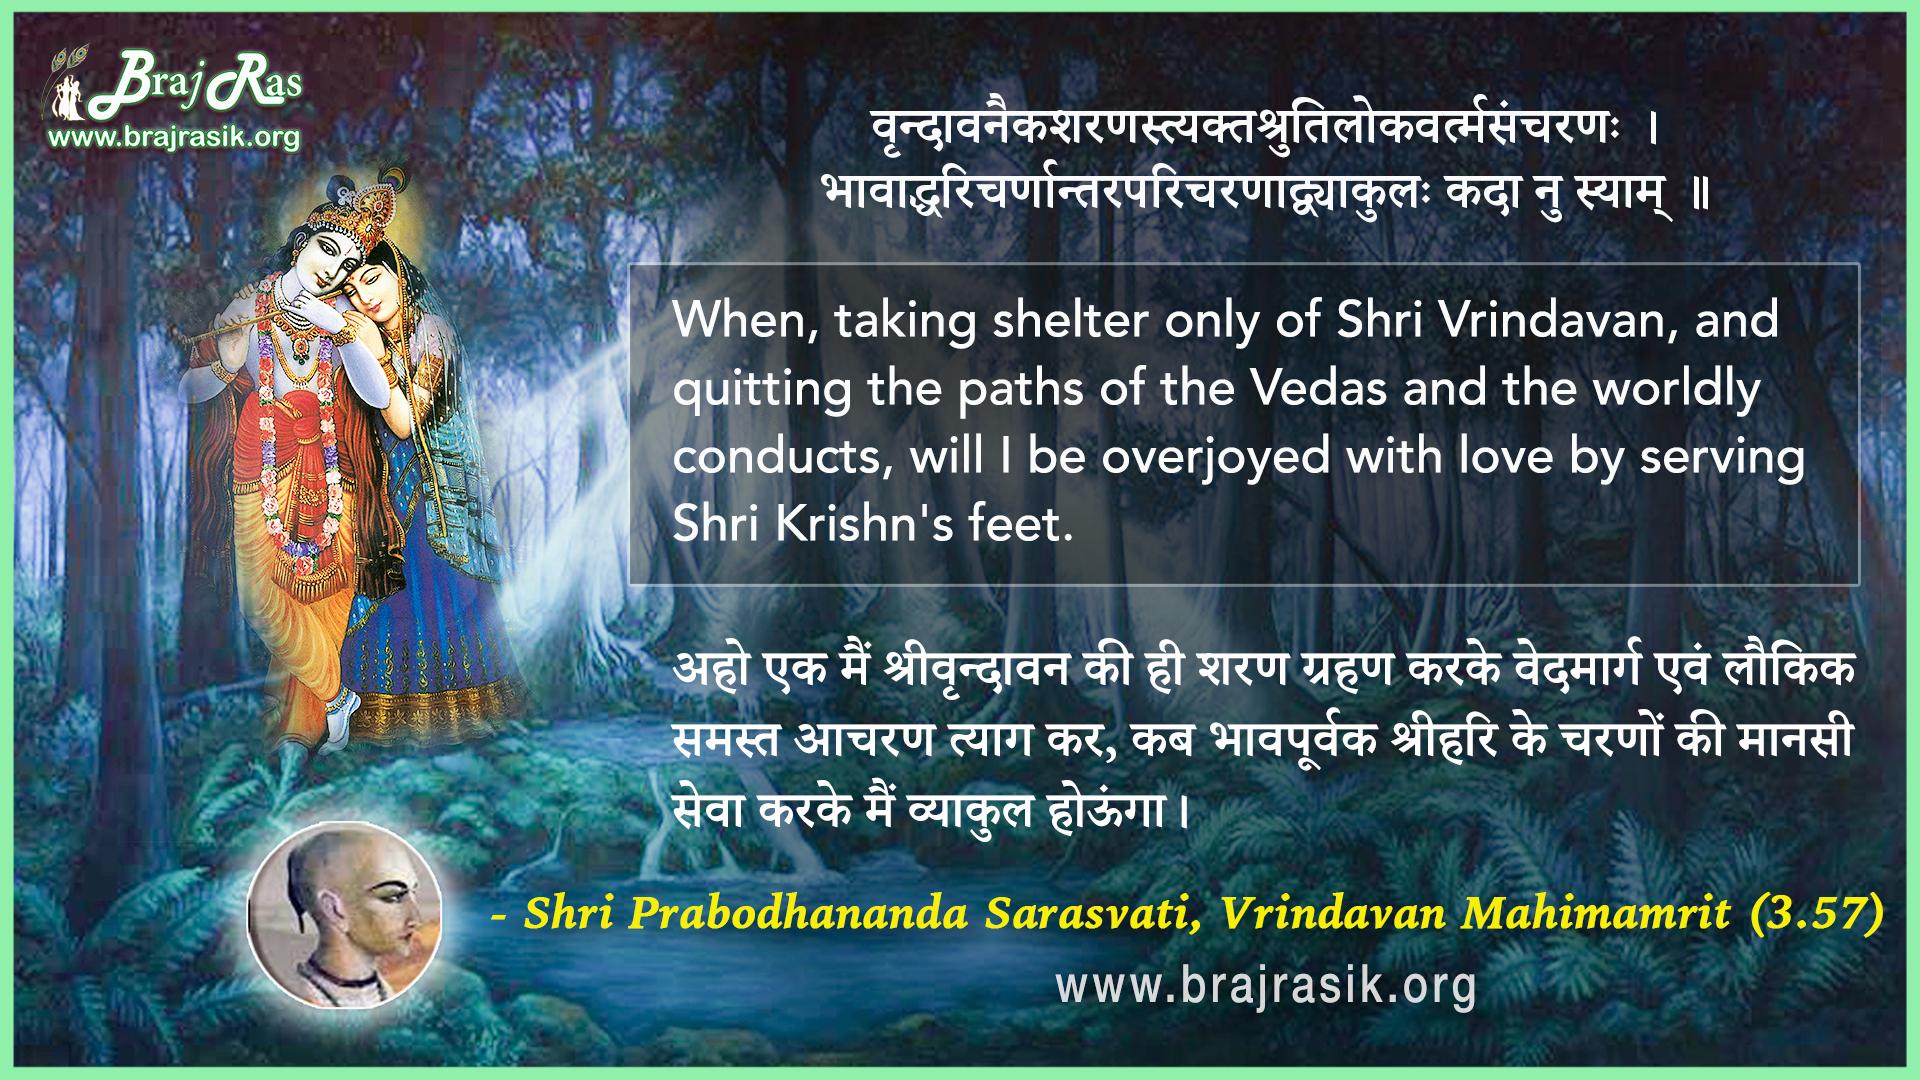 Vrindavan Eik Sharan Sthyakt - Shri Prabodhananda Sarasvati, Vrindavan Mahimamrit (3.57)